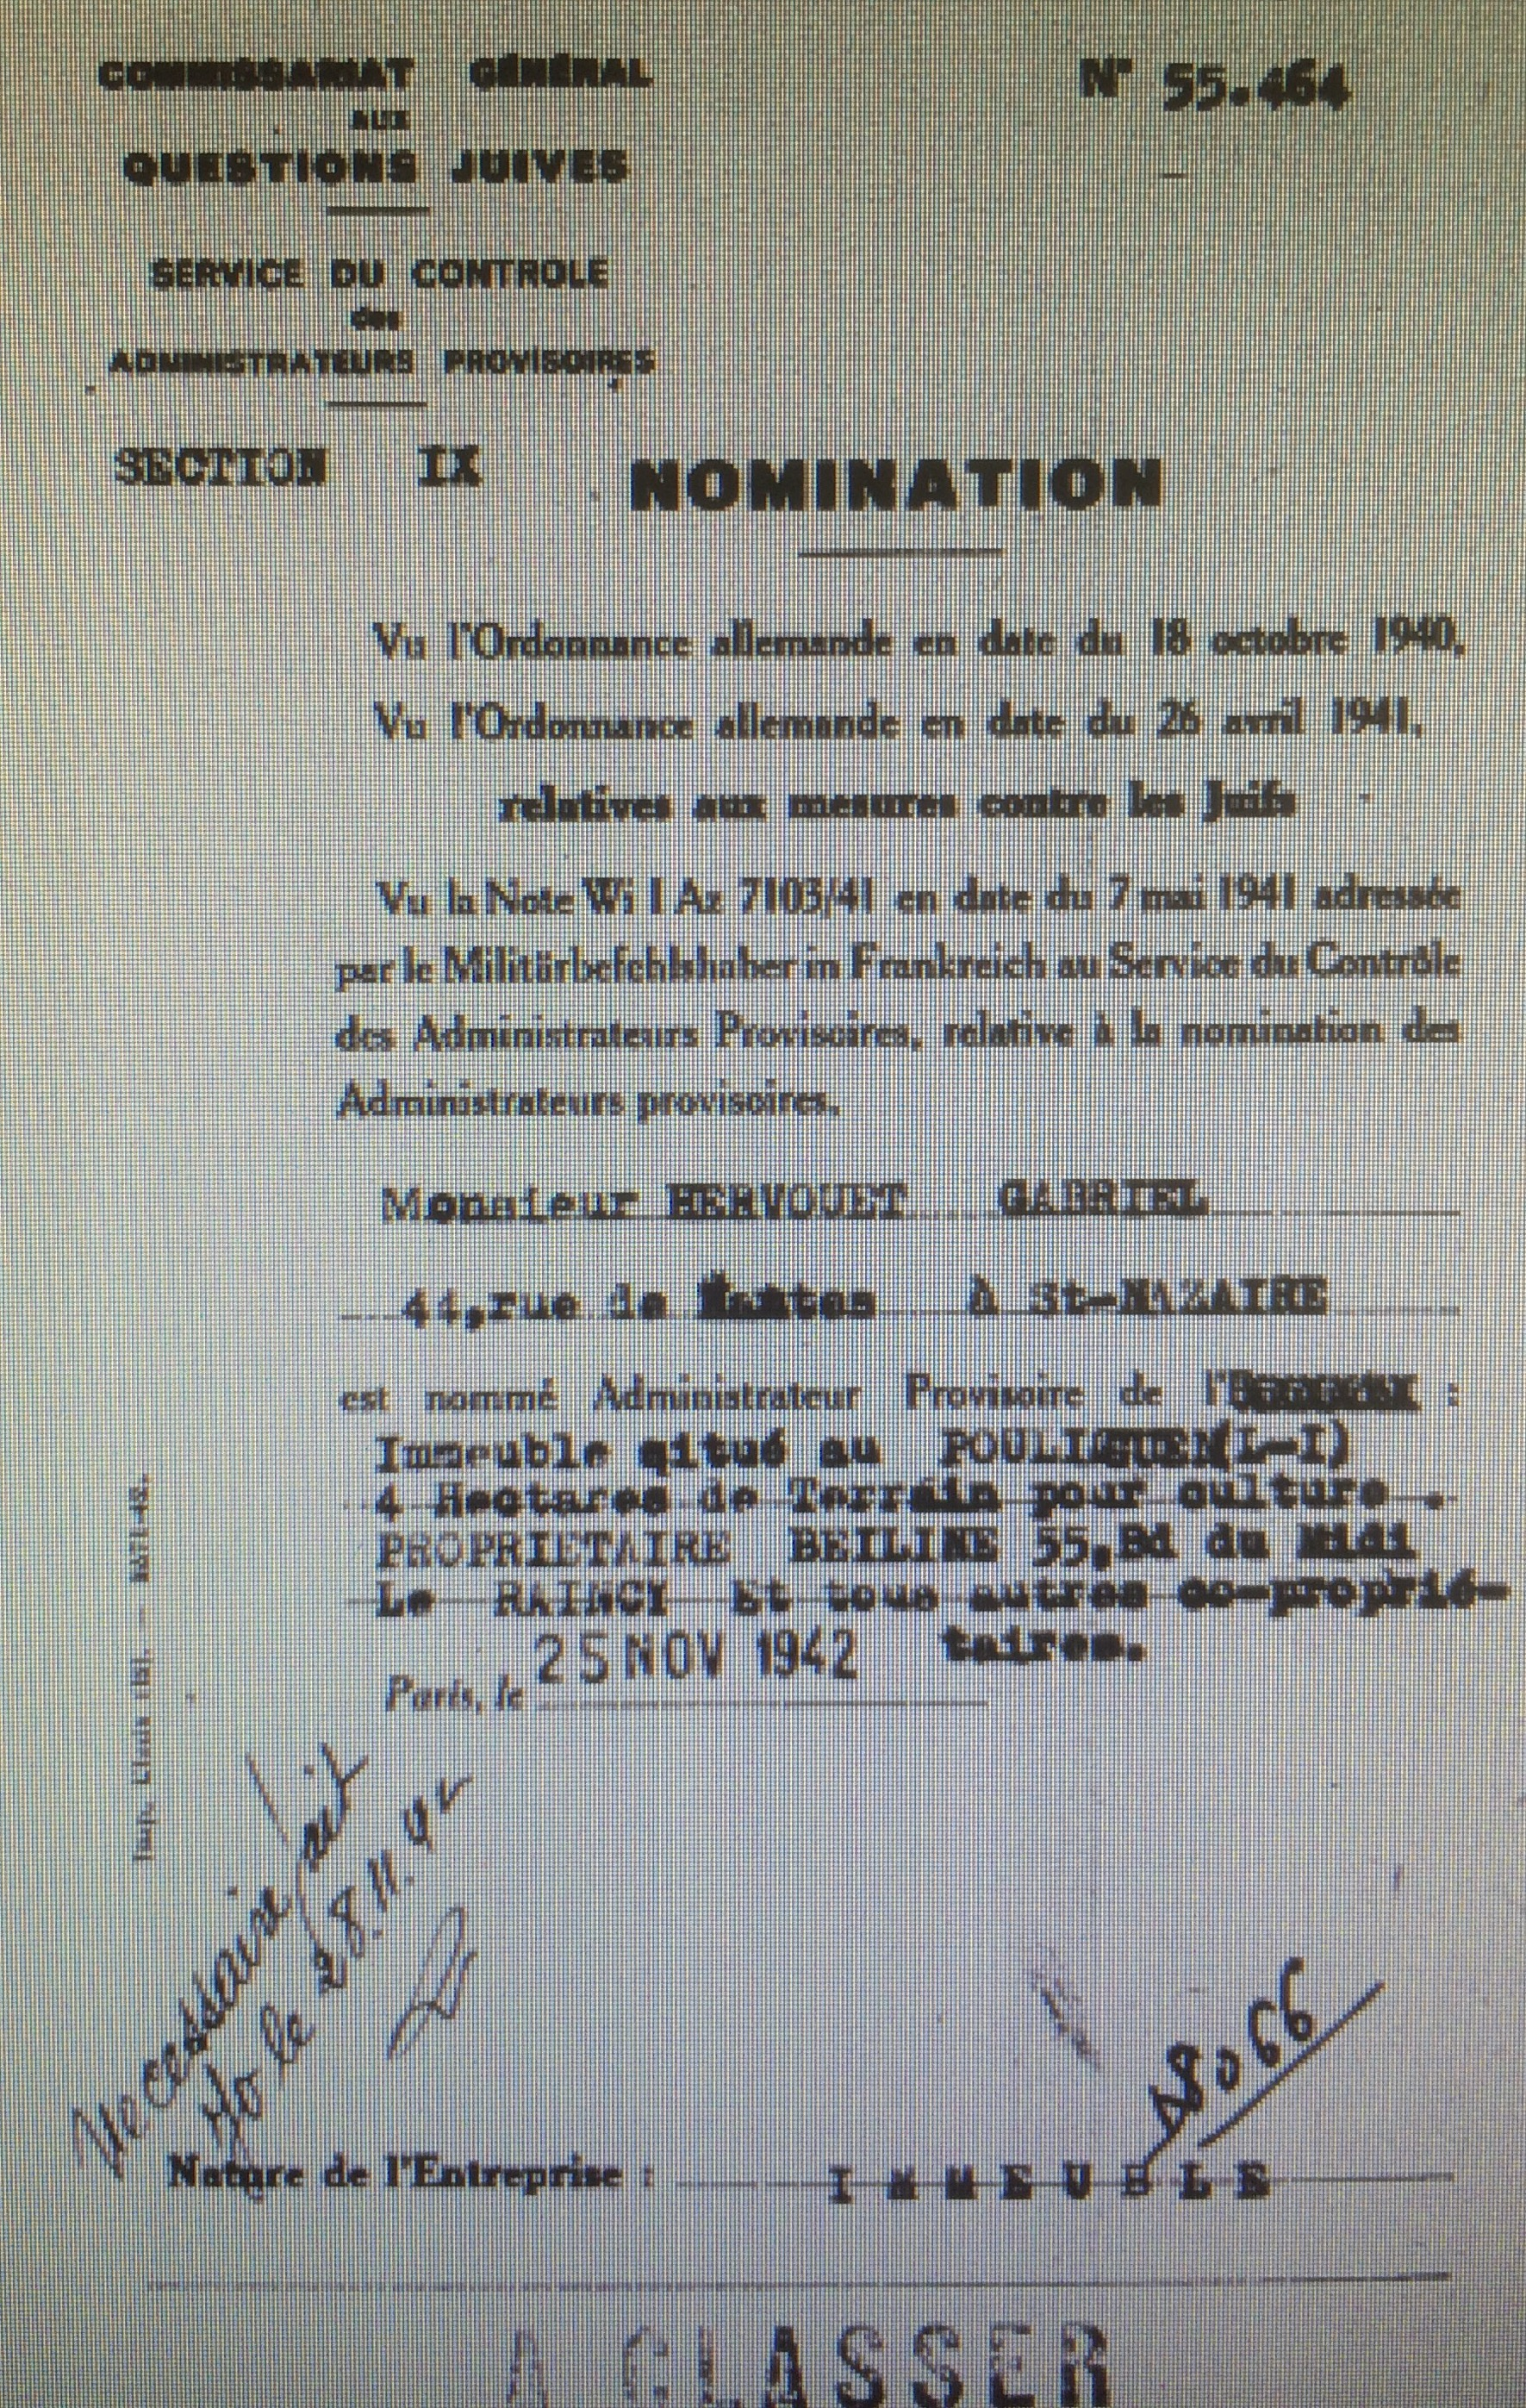 Dossiers d'aryanisation de Nathan BEILIN [Archives Nationales, AJ/38/4599 dossier n° 7077 et AJ38/4600 dossier n°8066